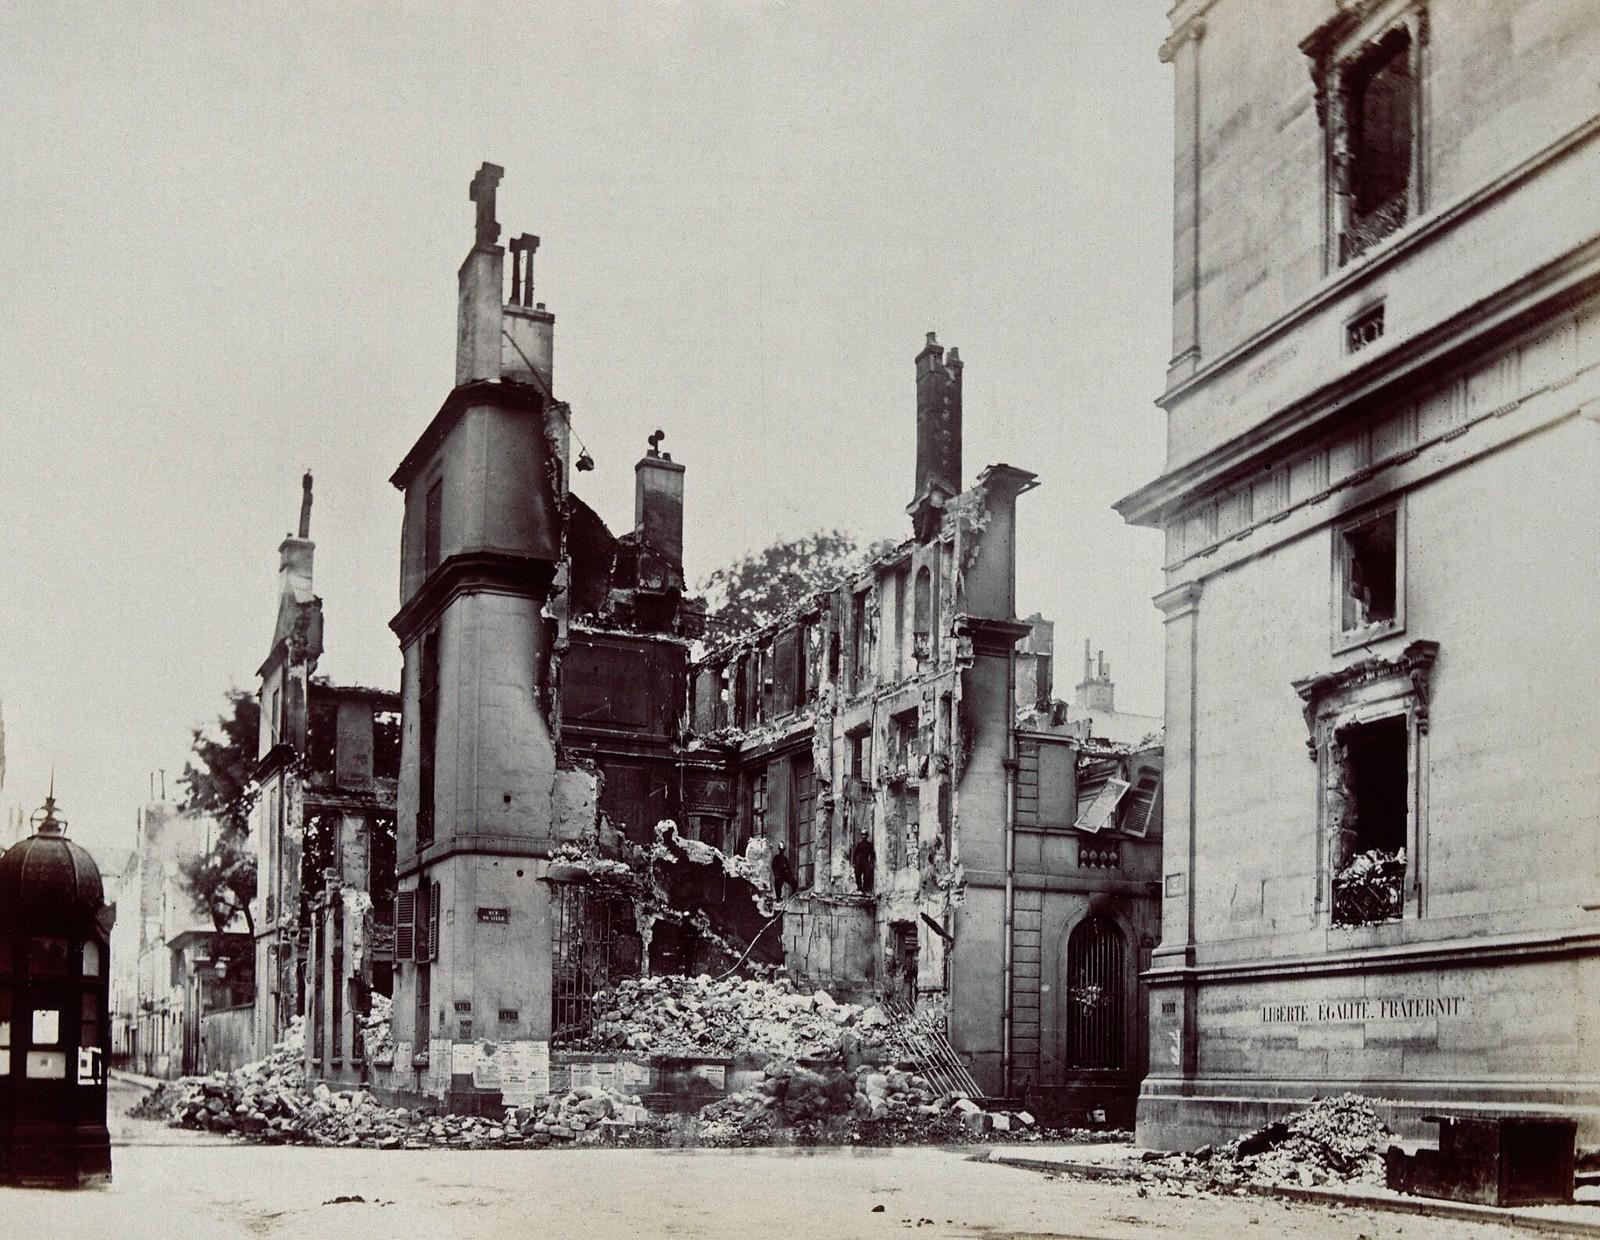 09. 1870. Поврежденные здания на улице Лилль в Париже во время франко-прусской войны